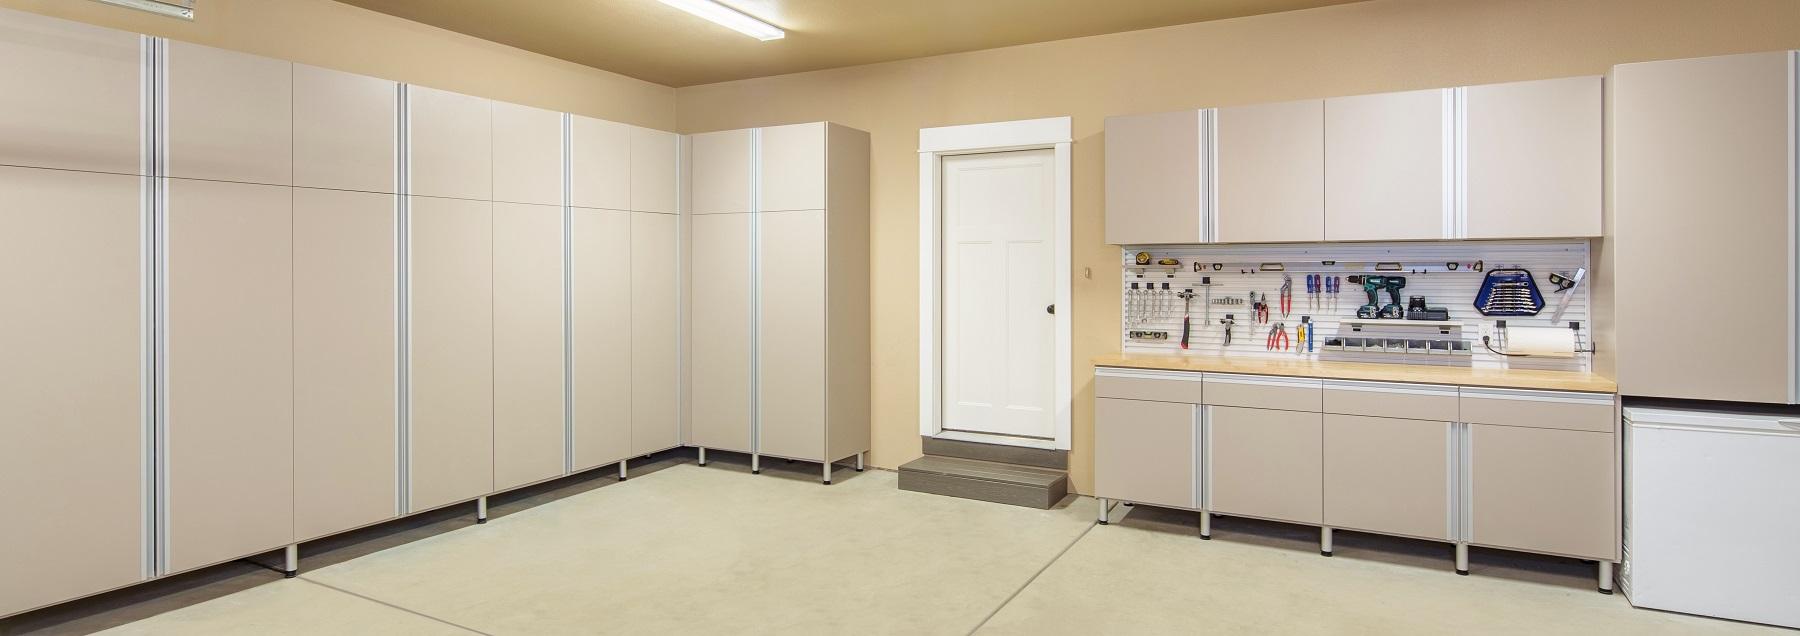 Garage-System1